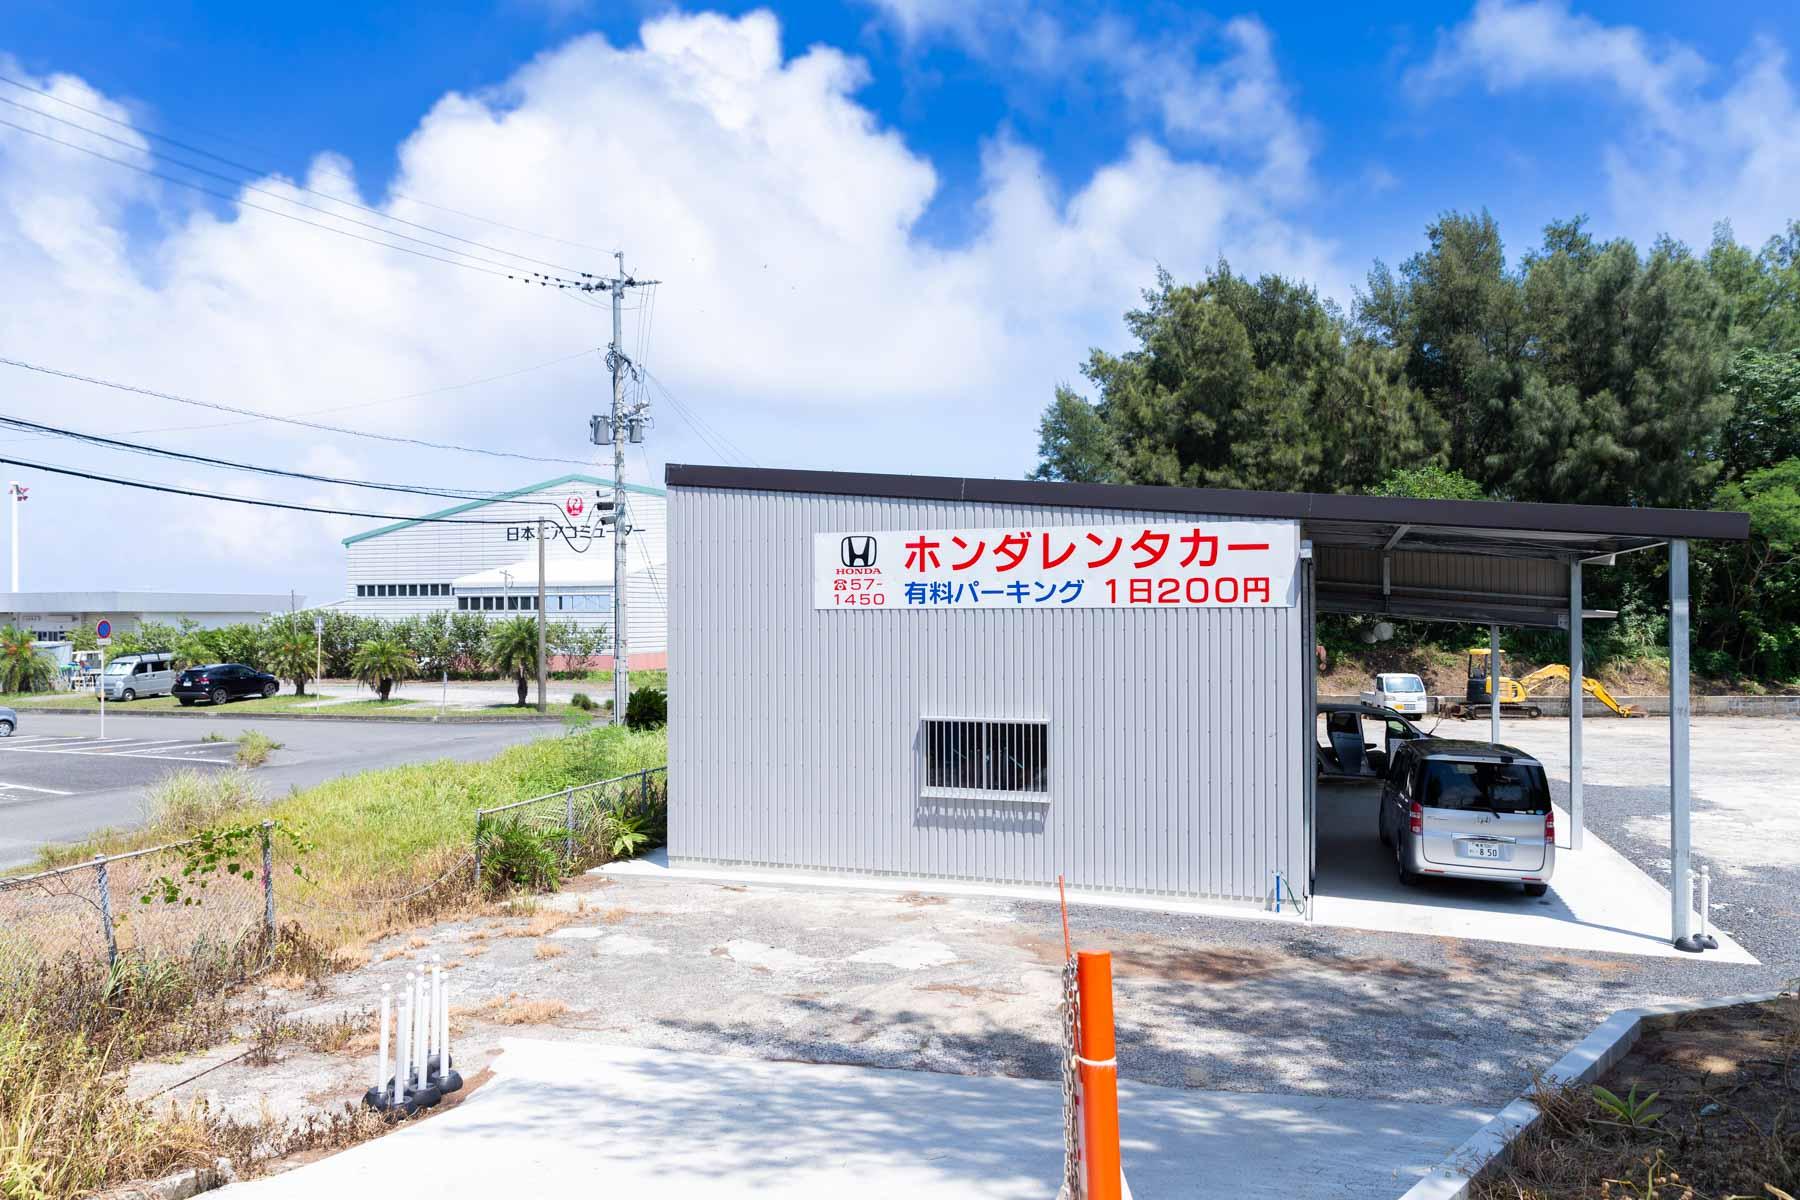 ホンダレンタカー 奄美空港ご利用の方向け1日200円の有料パーキング案内写真